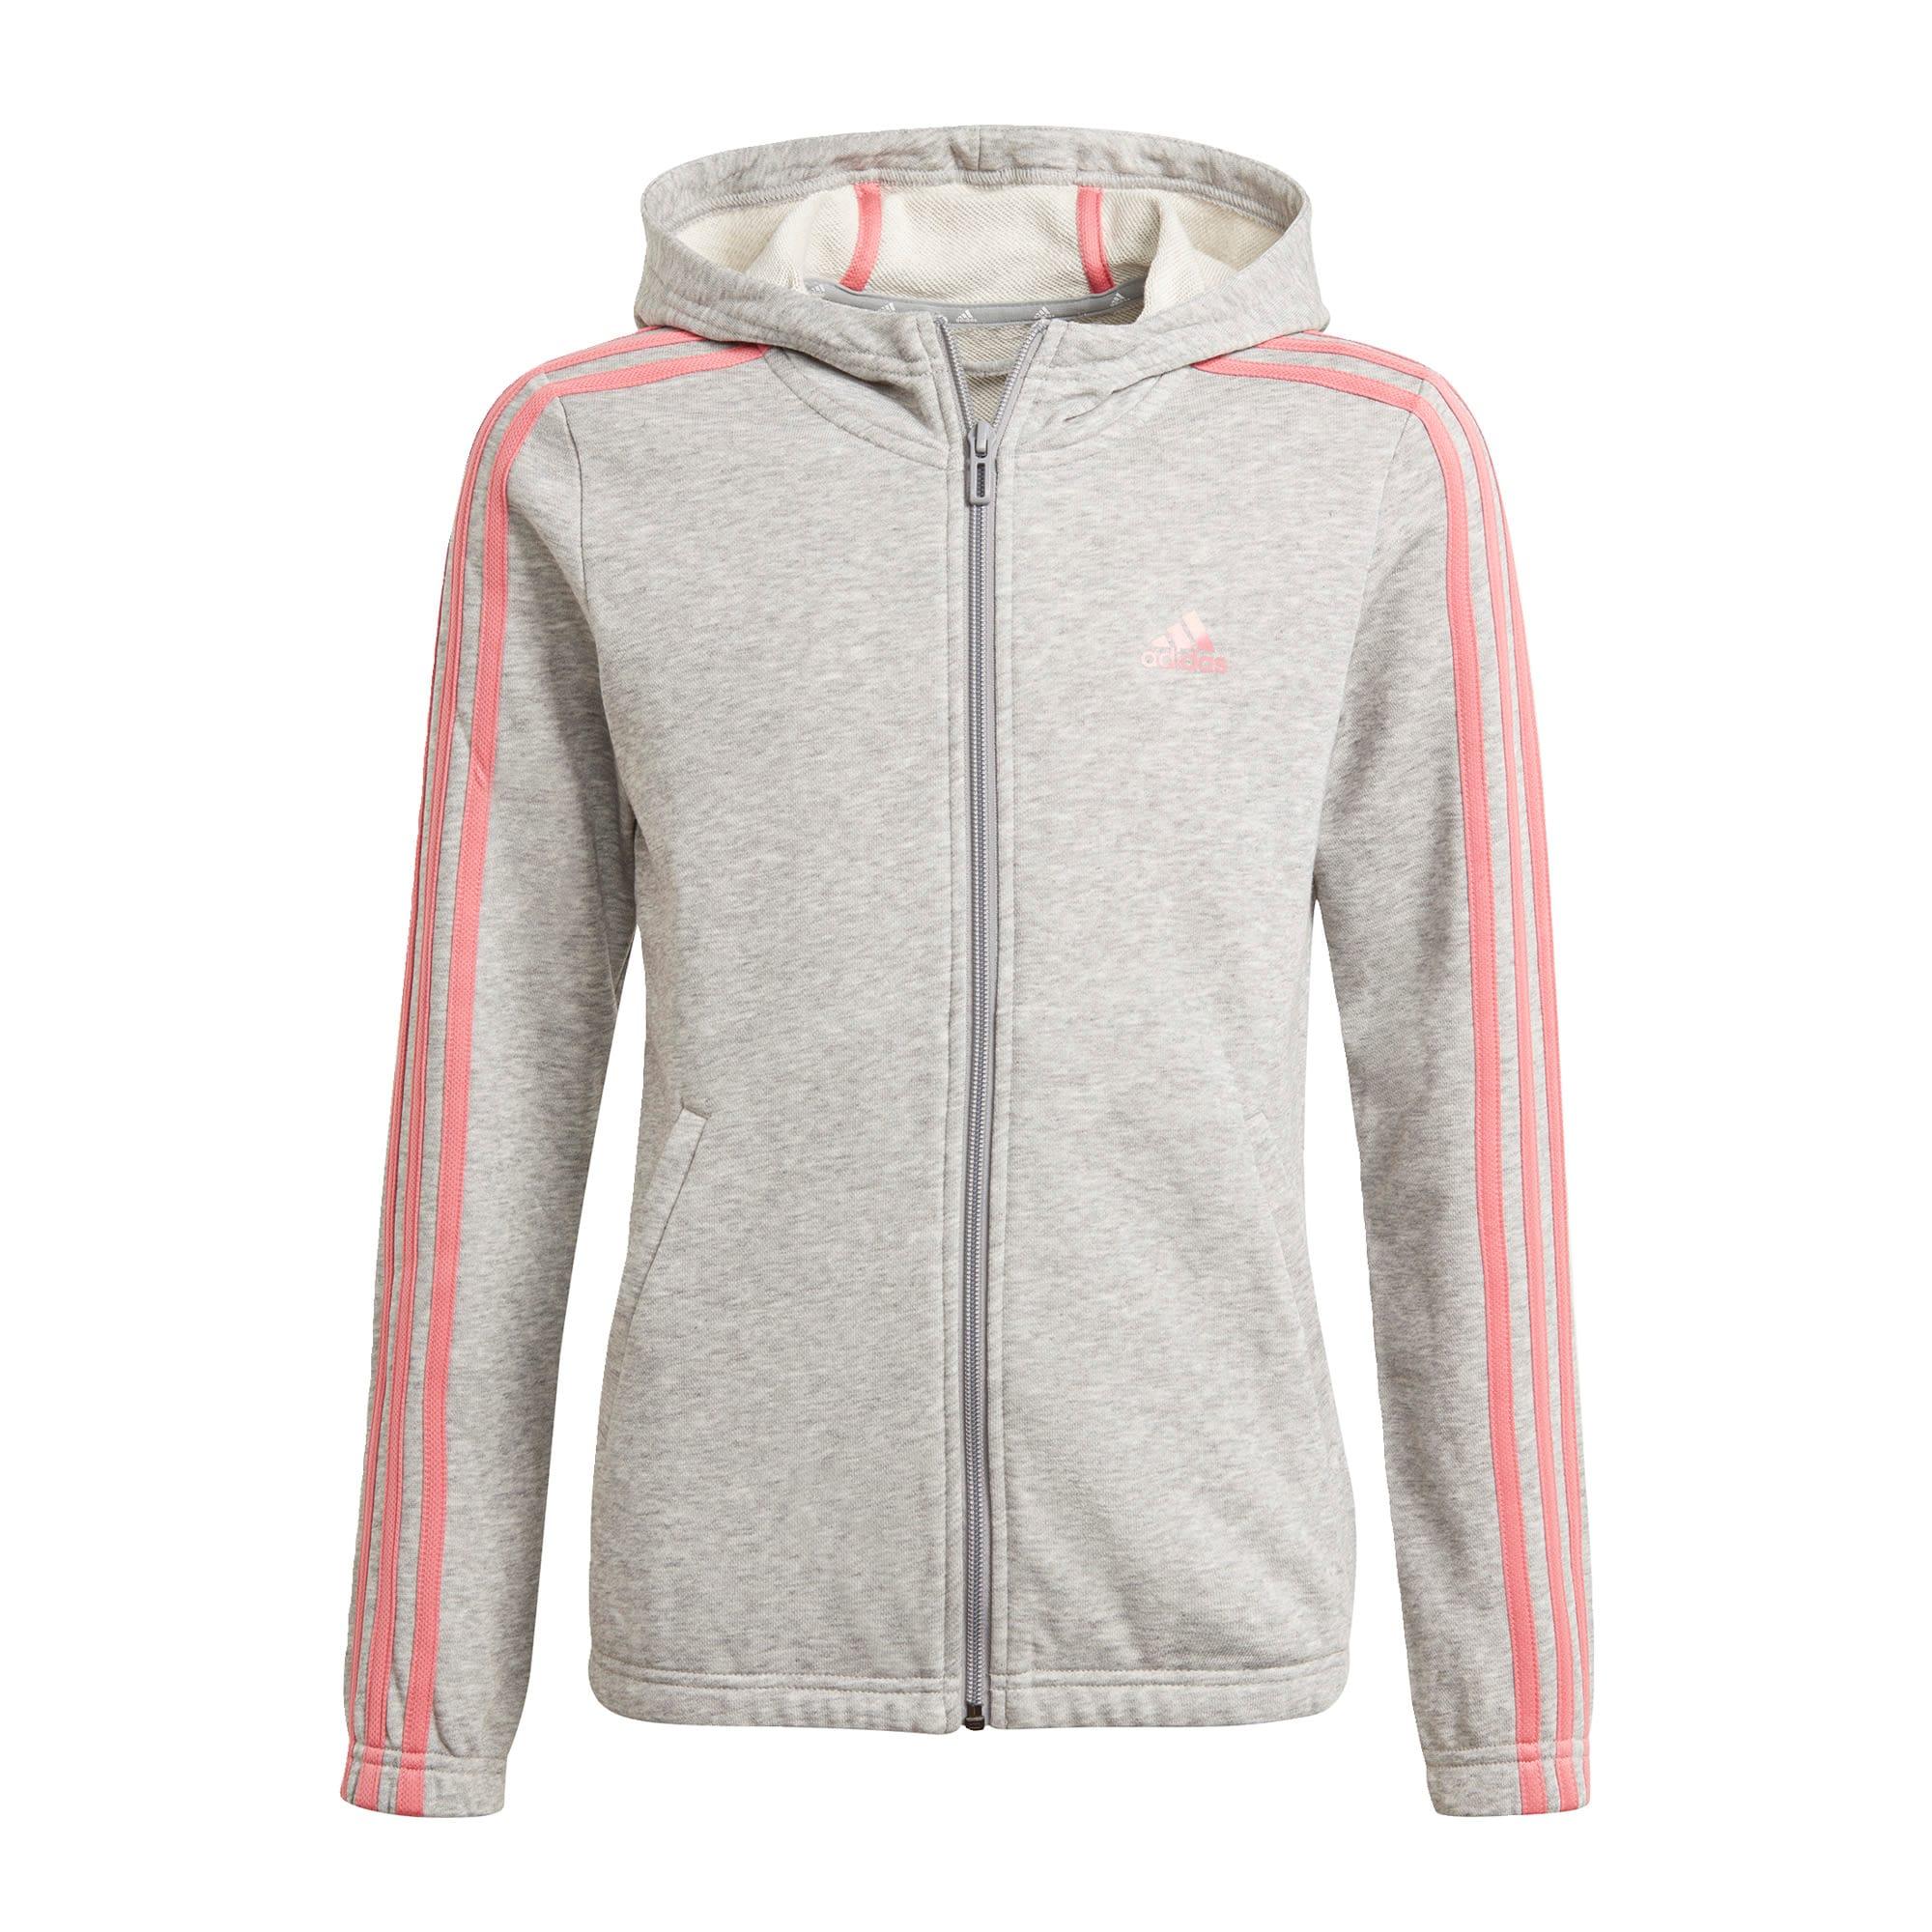 ADIDAS PERFORMANCE Sportinio tipo megztinis šviesiai pilka / rožių spalva / pastelinė rožinė